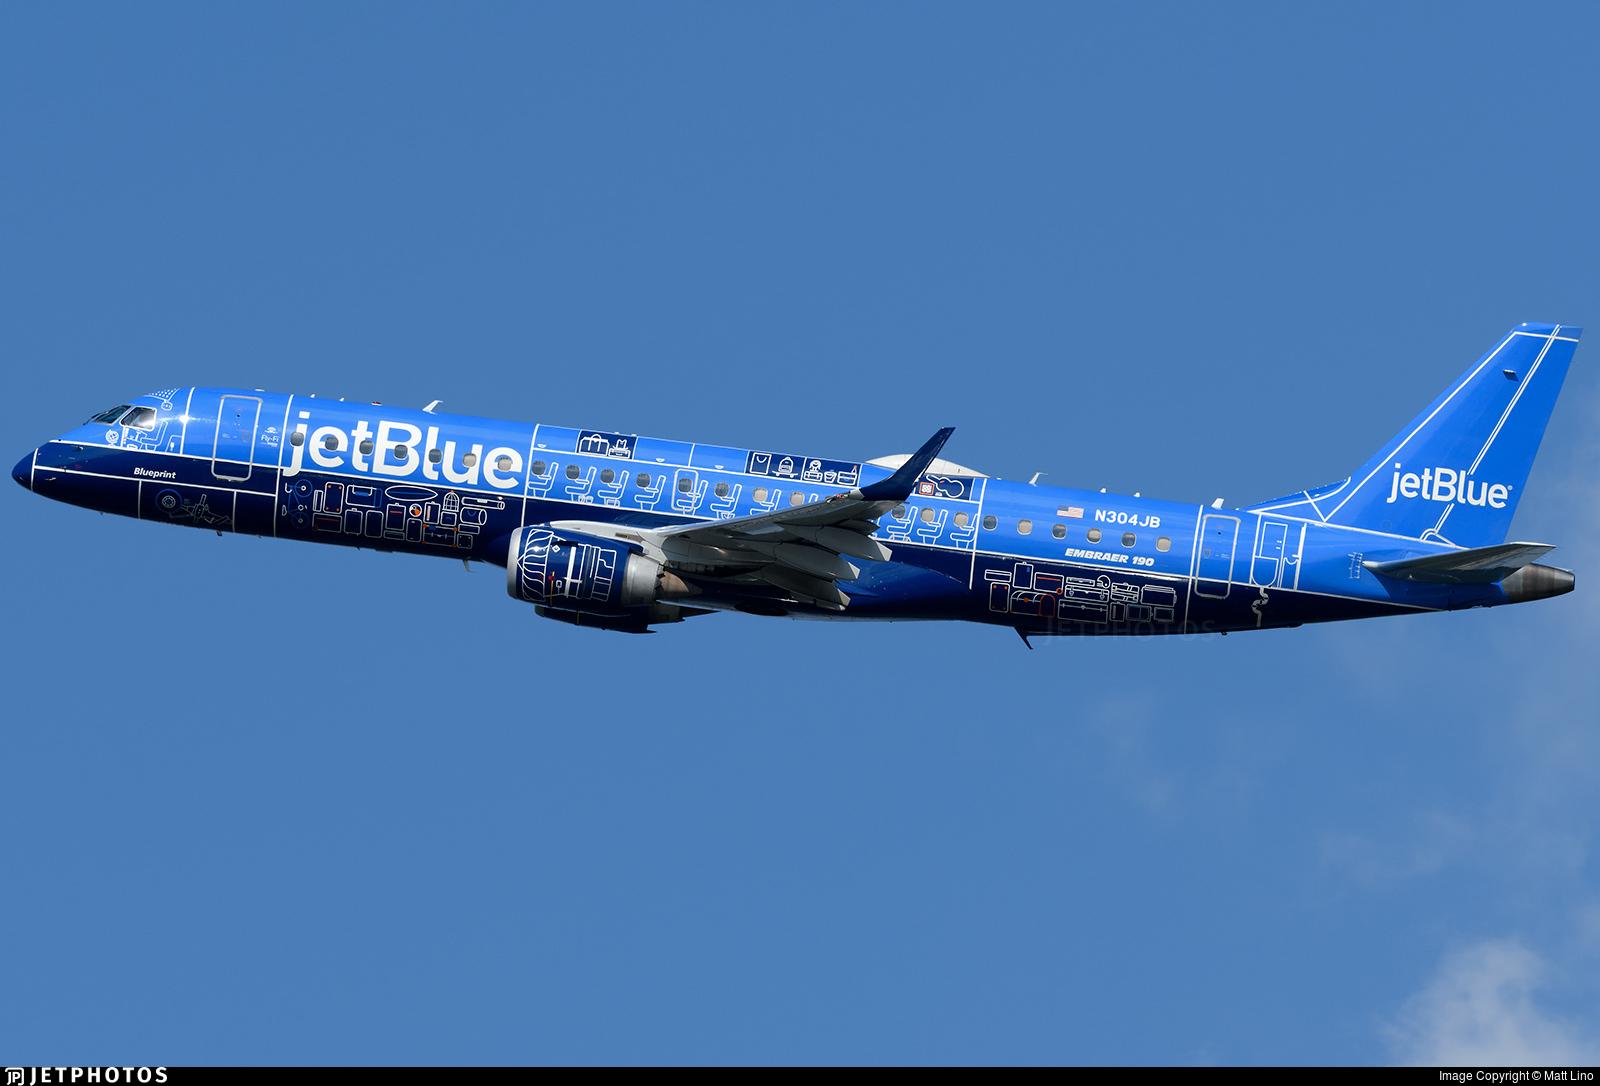 JetBlue's Blueprint E190